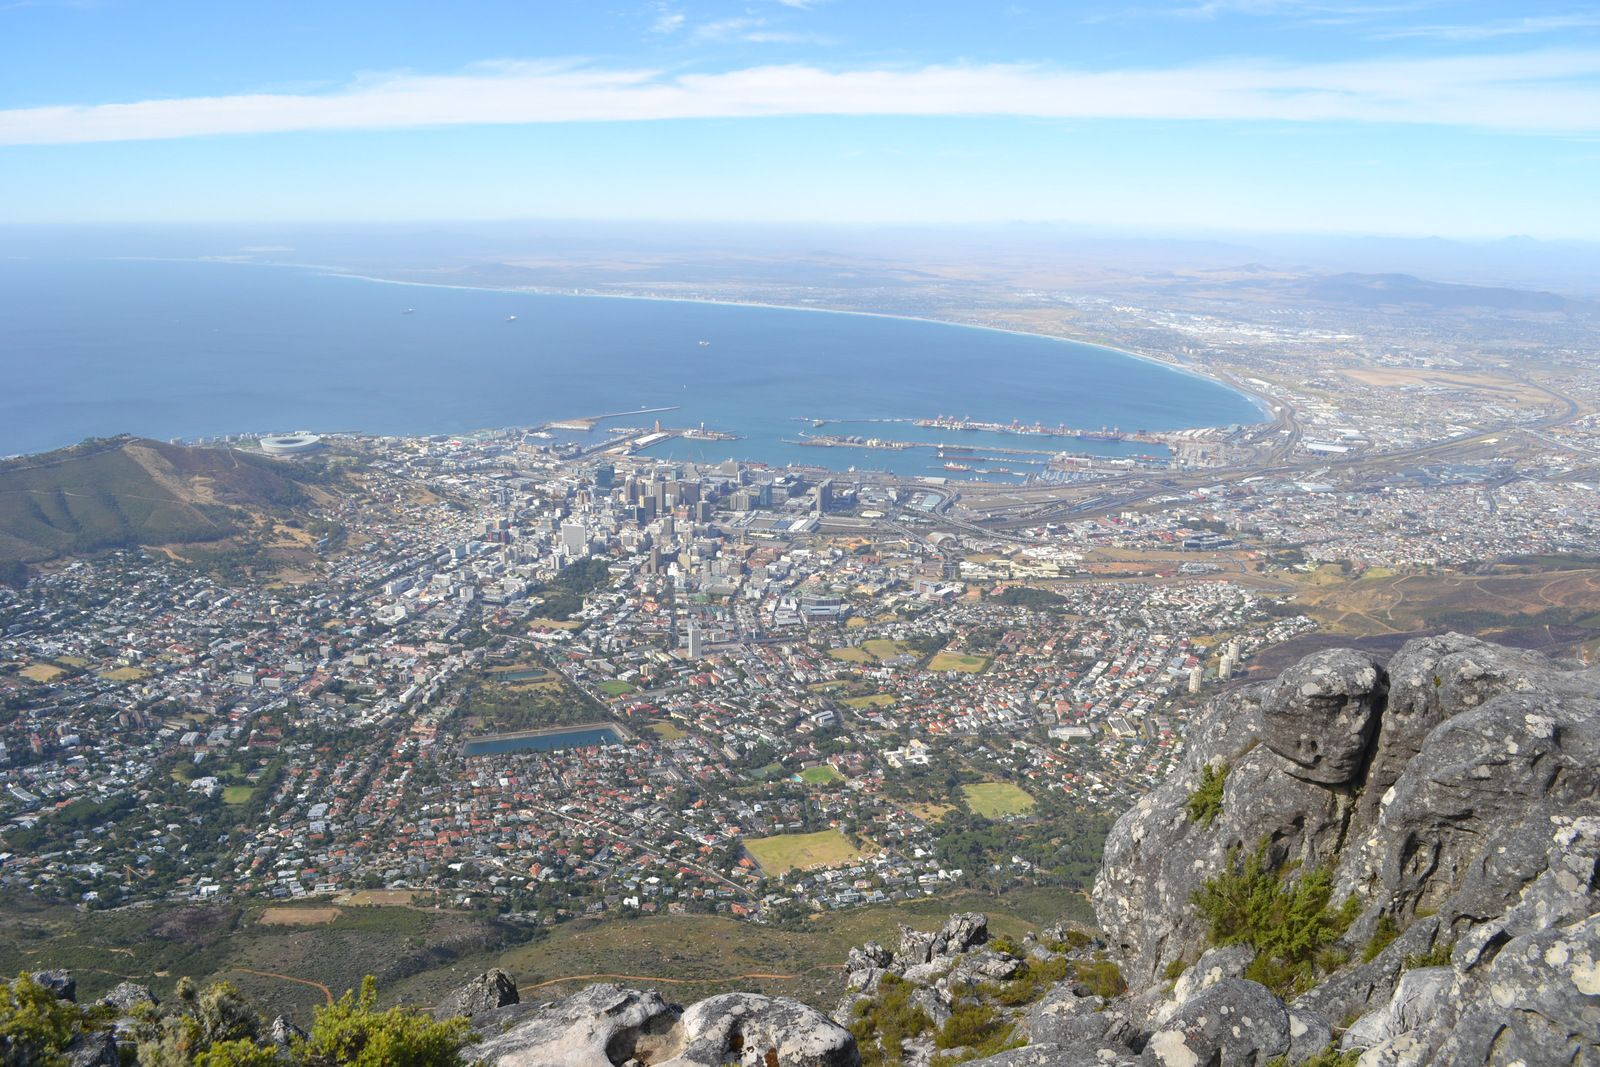 Cape Town, balade dans la péninsule en 2017-2019